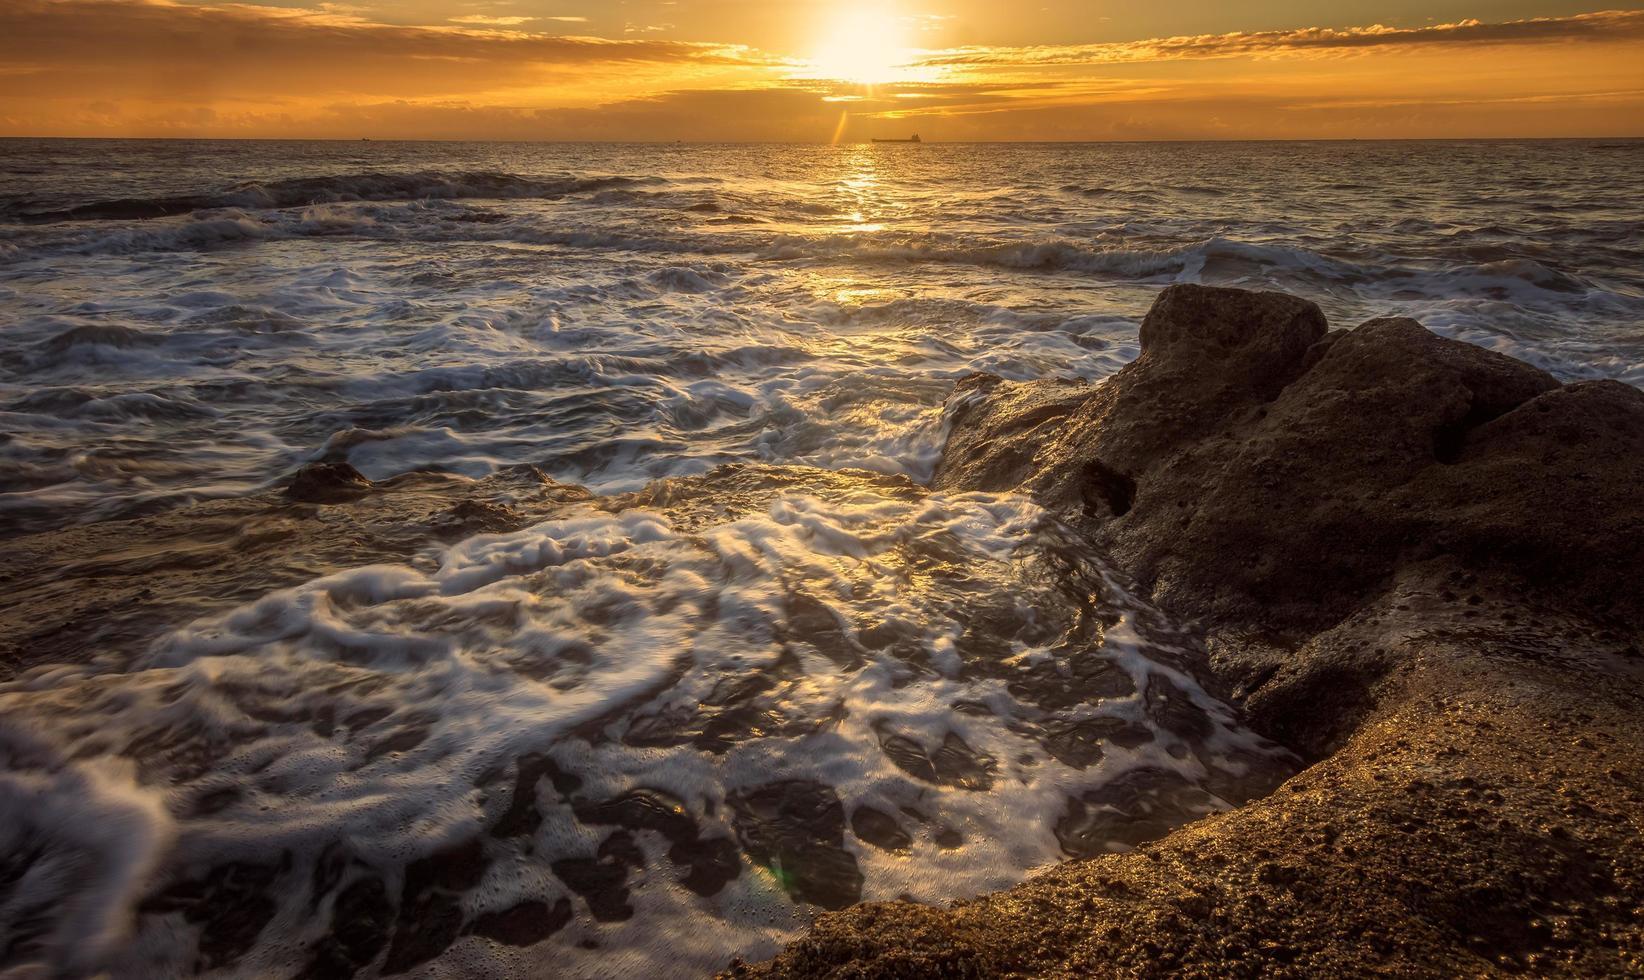 onde dell'oceano che si infrangono sulla riva durante il tramonto foto